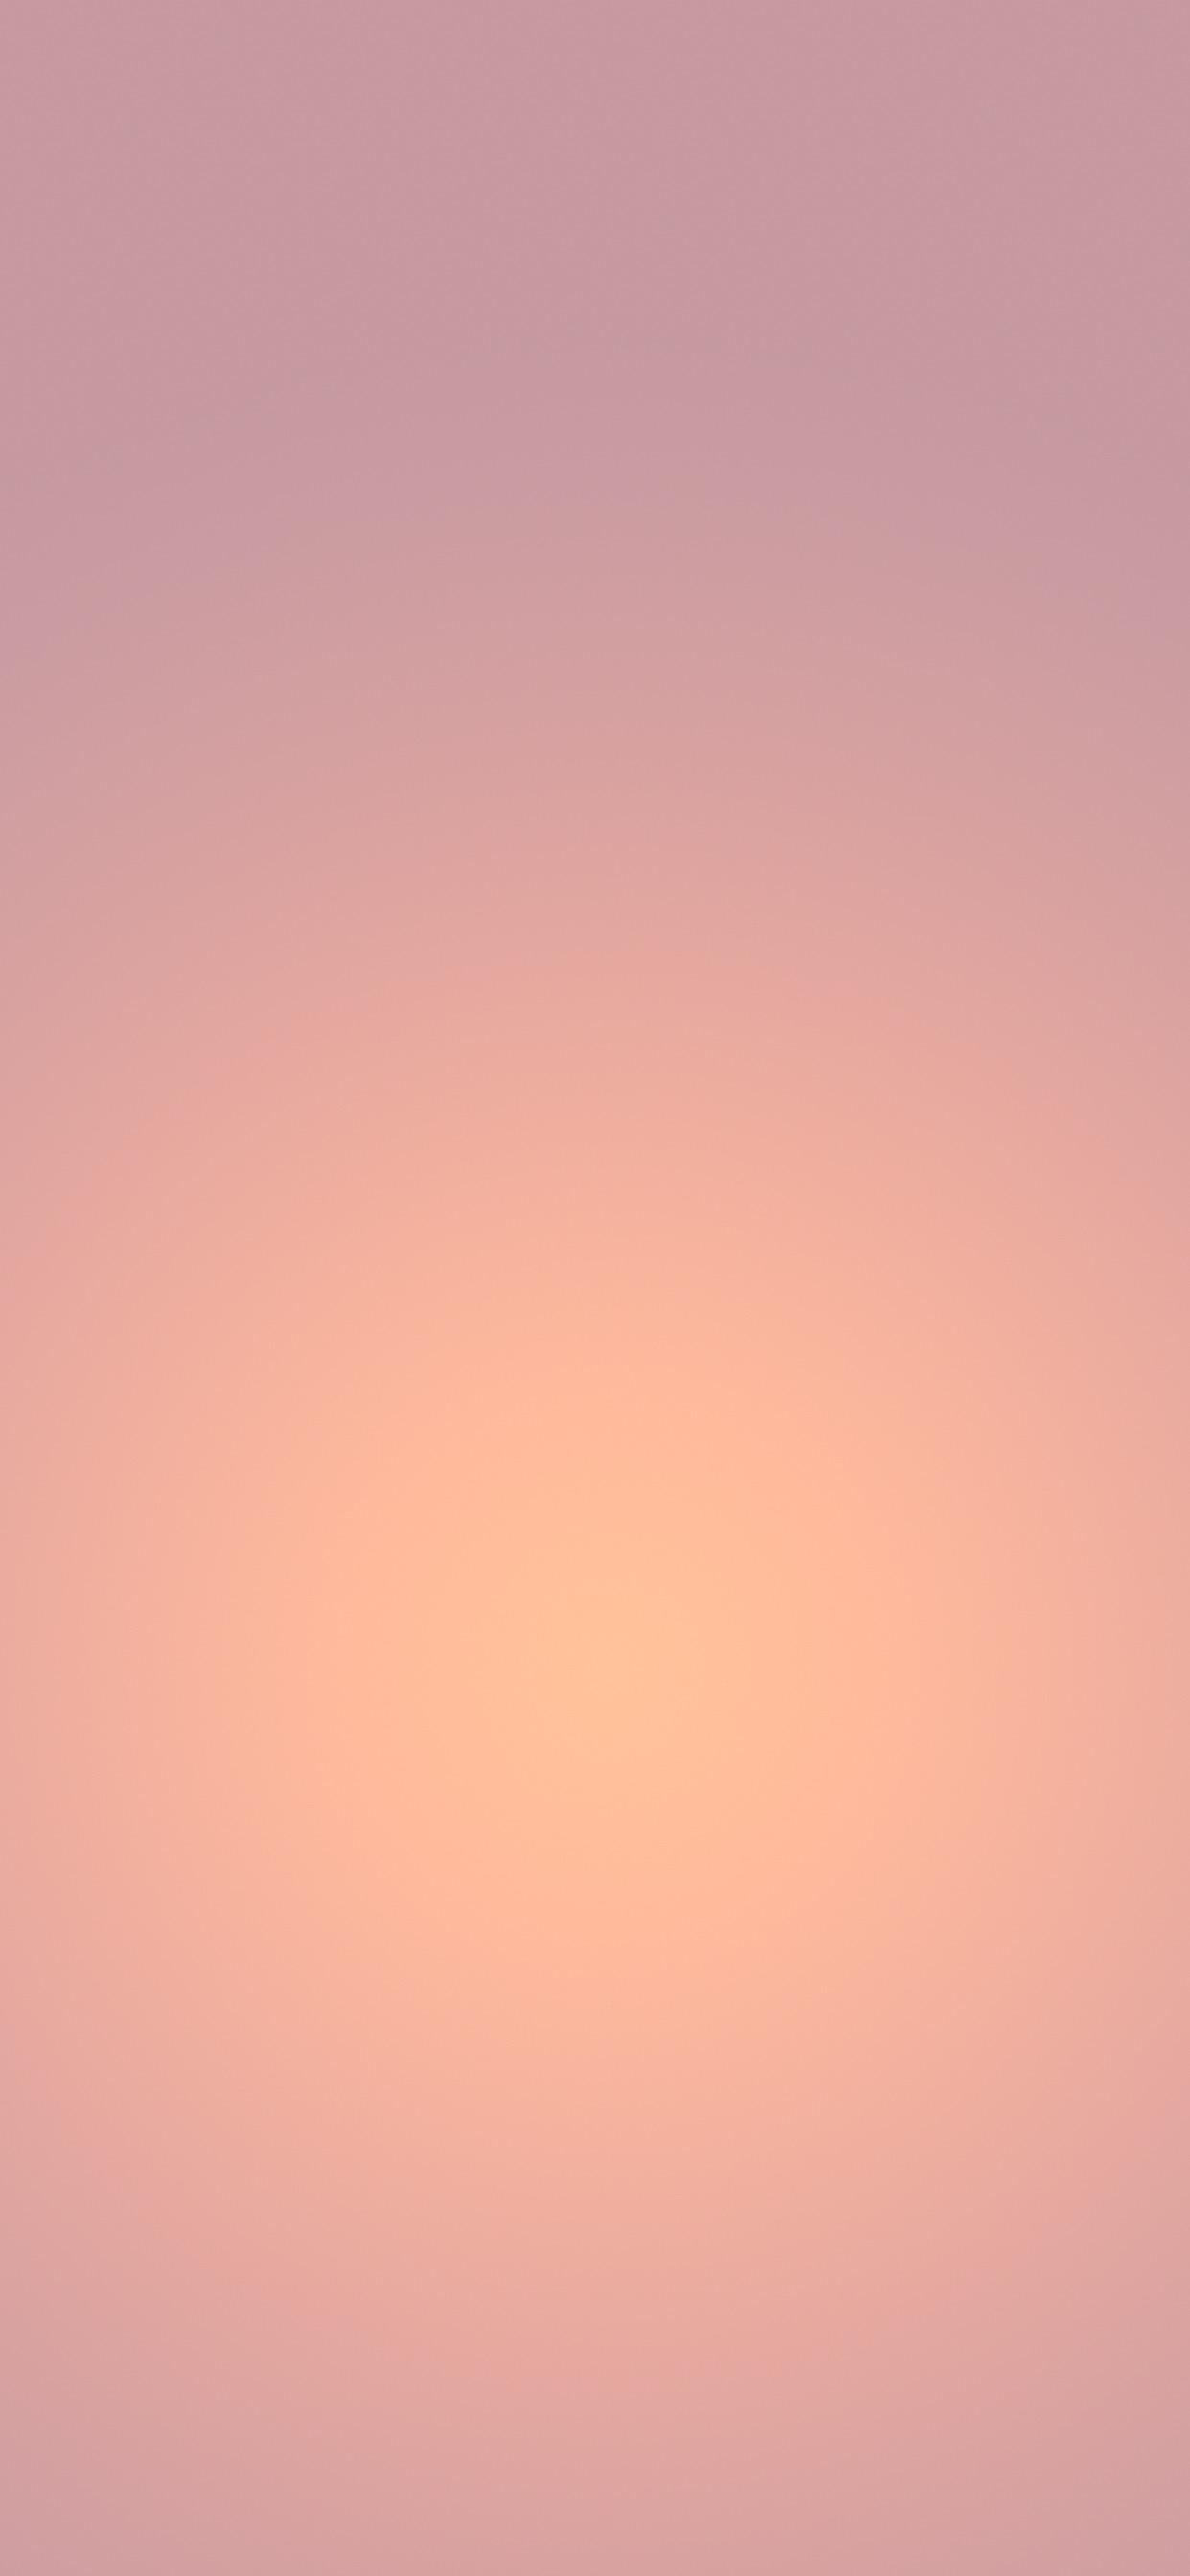 Fonds D Ecran De Gradient Simples Pour Iphone Color Wallpaper Iphone Plain Wallpaper Iphone Landscape Wallpaper